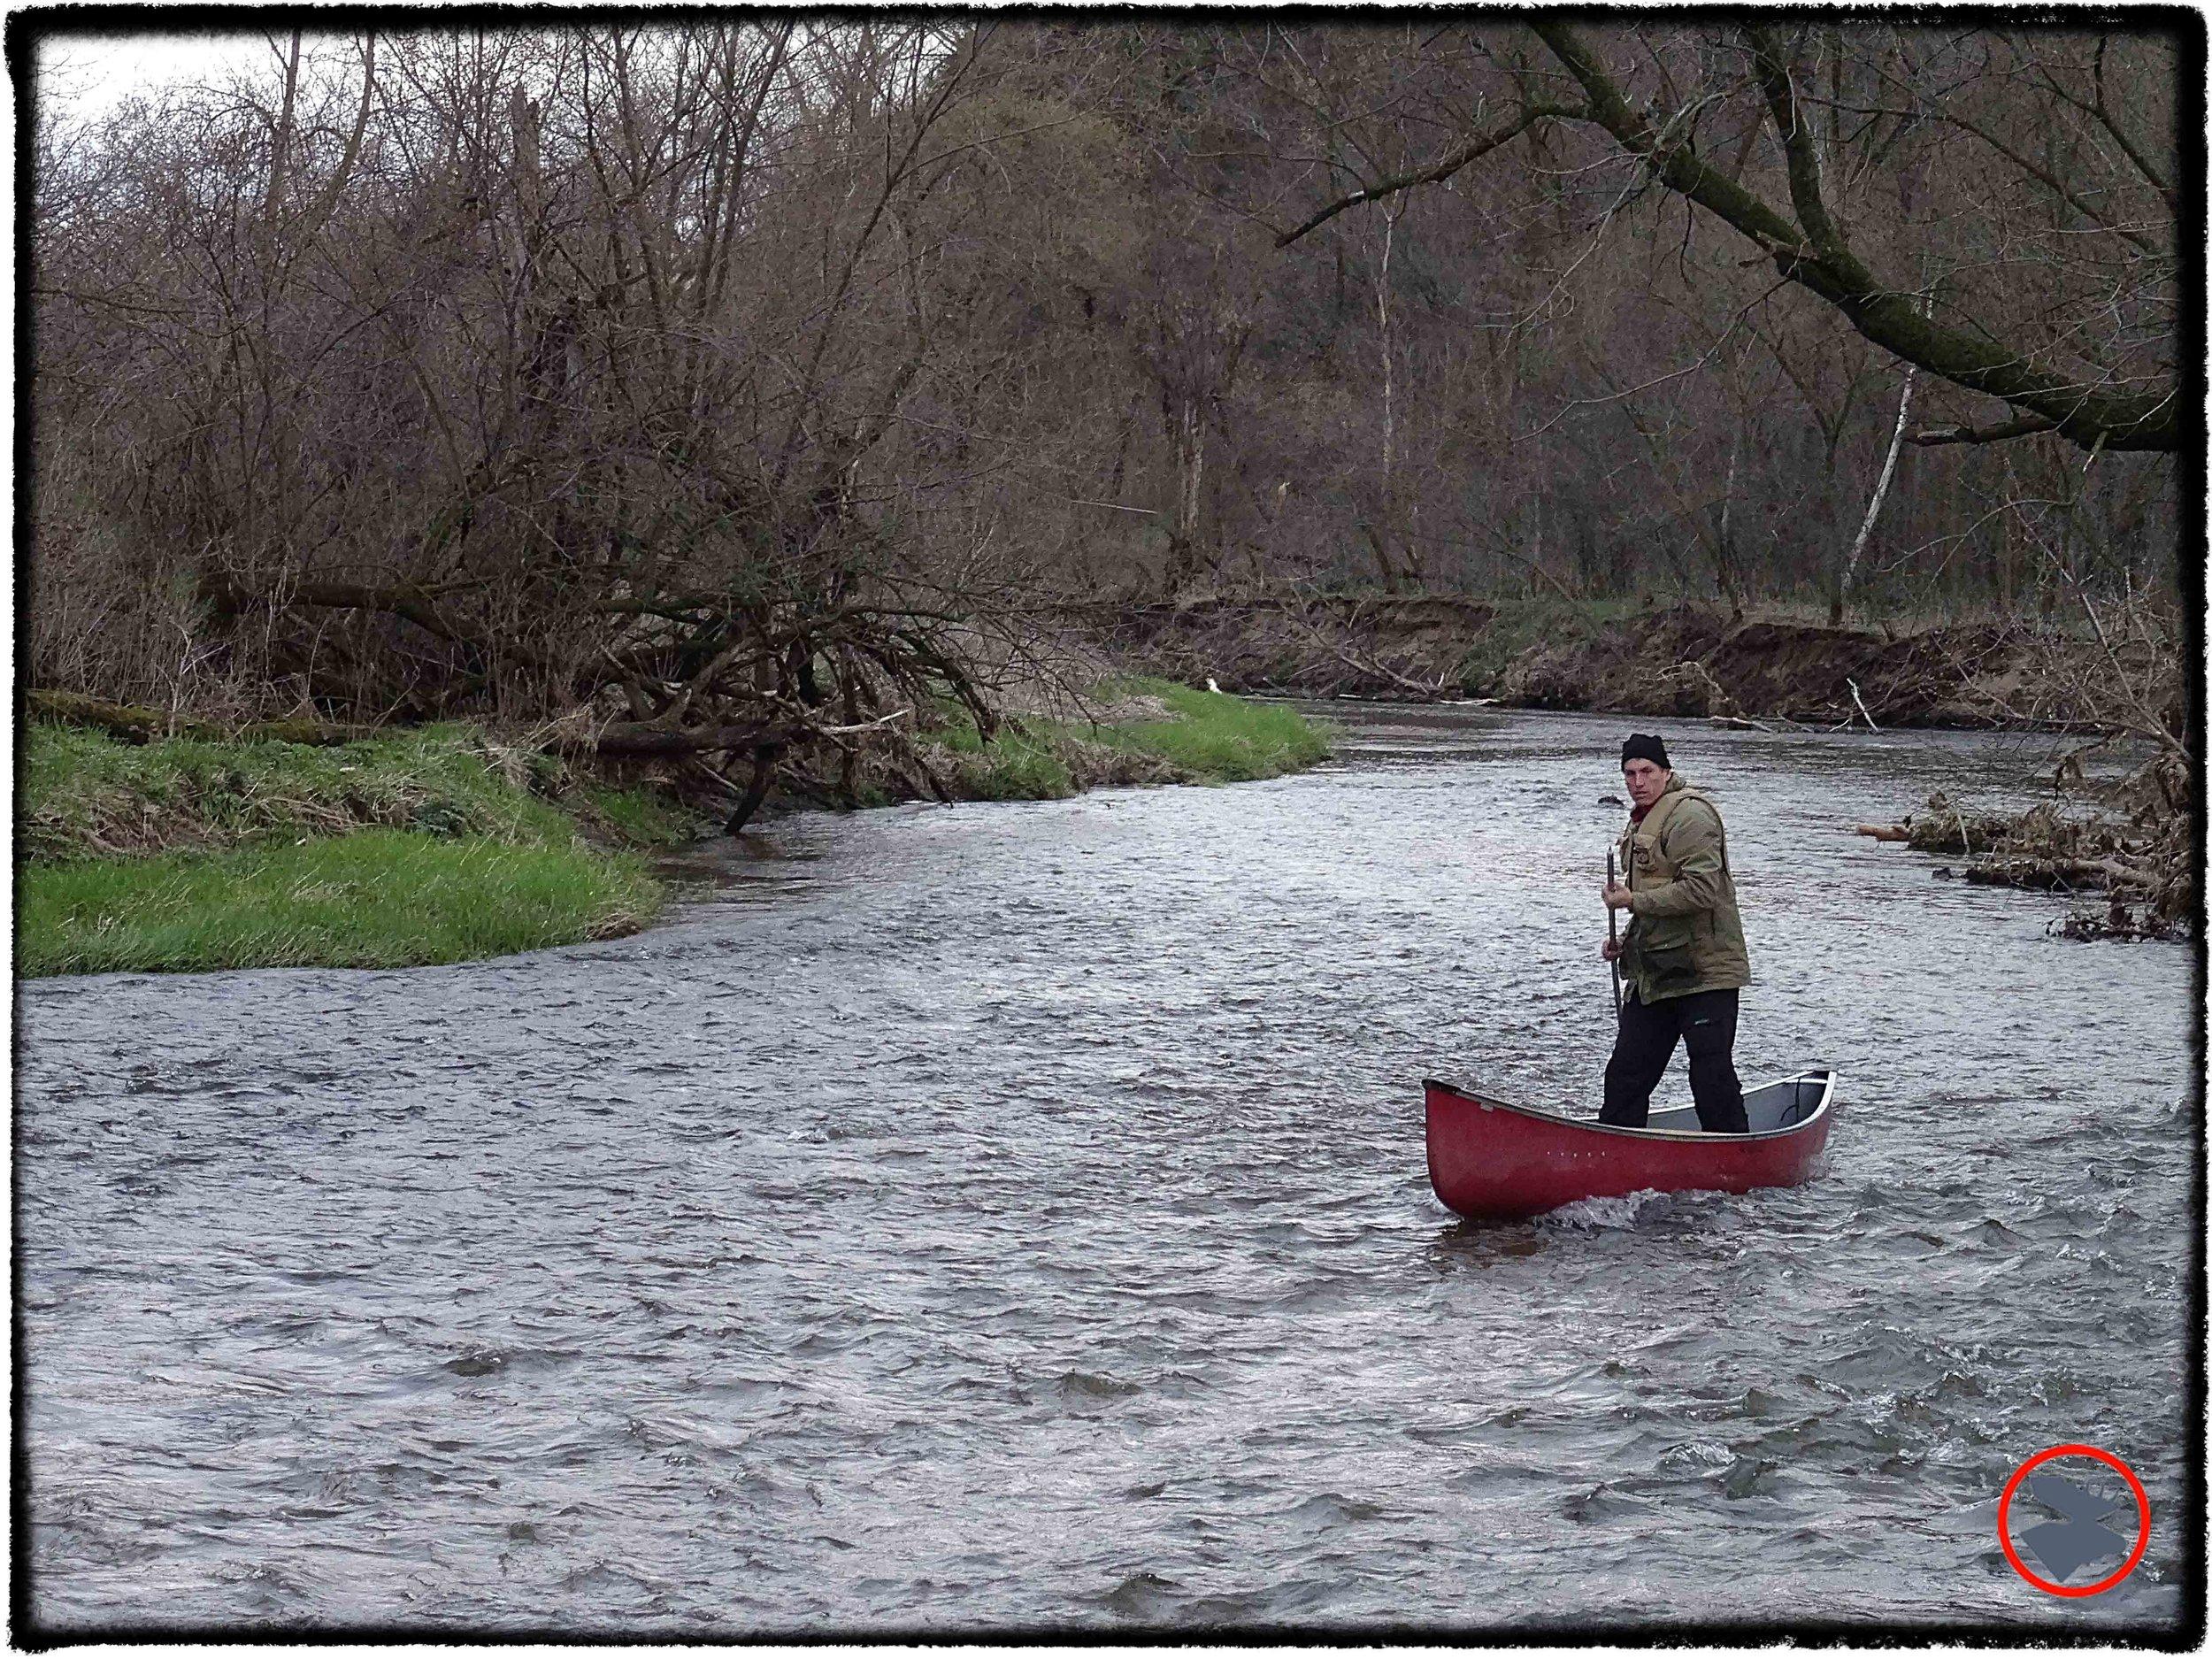 BMP-Post_Kinnickinnic-River_Scott-Canoe-Poling1_May-2014.jpg